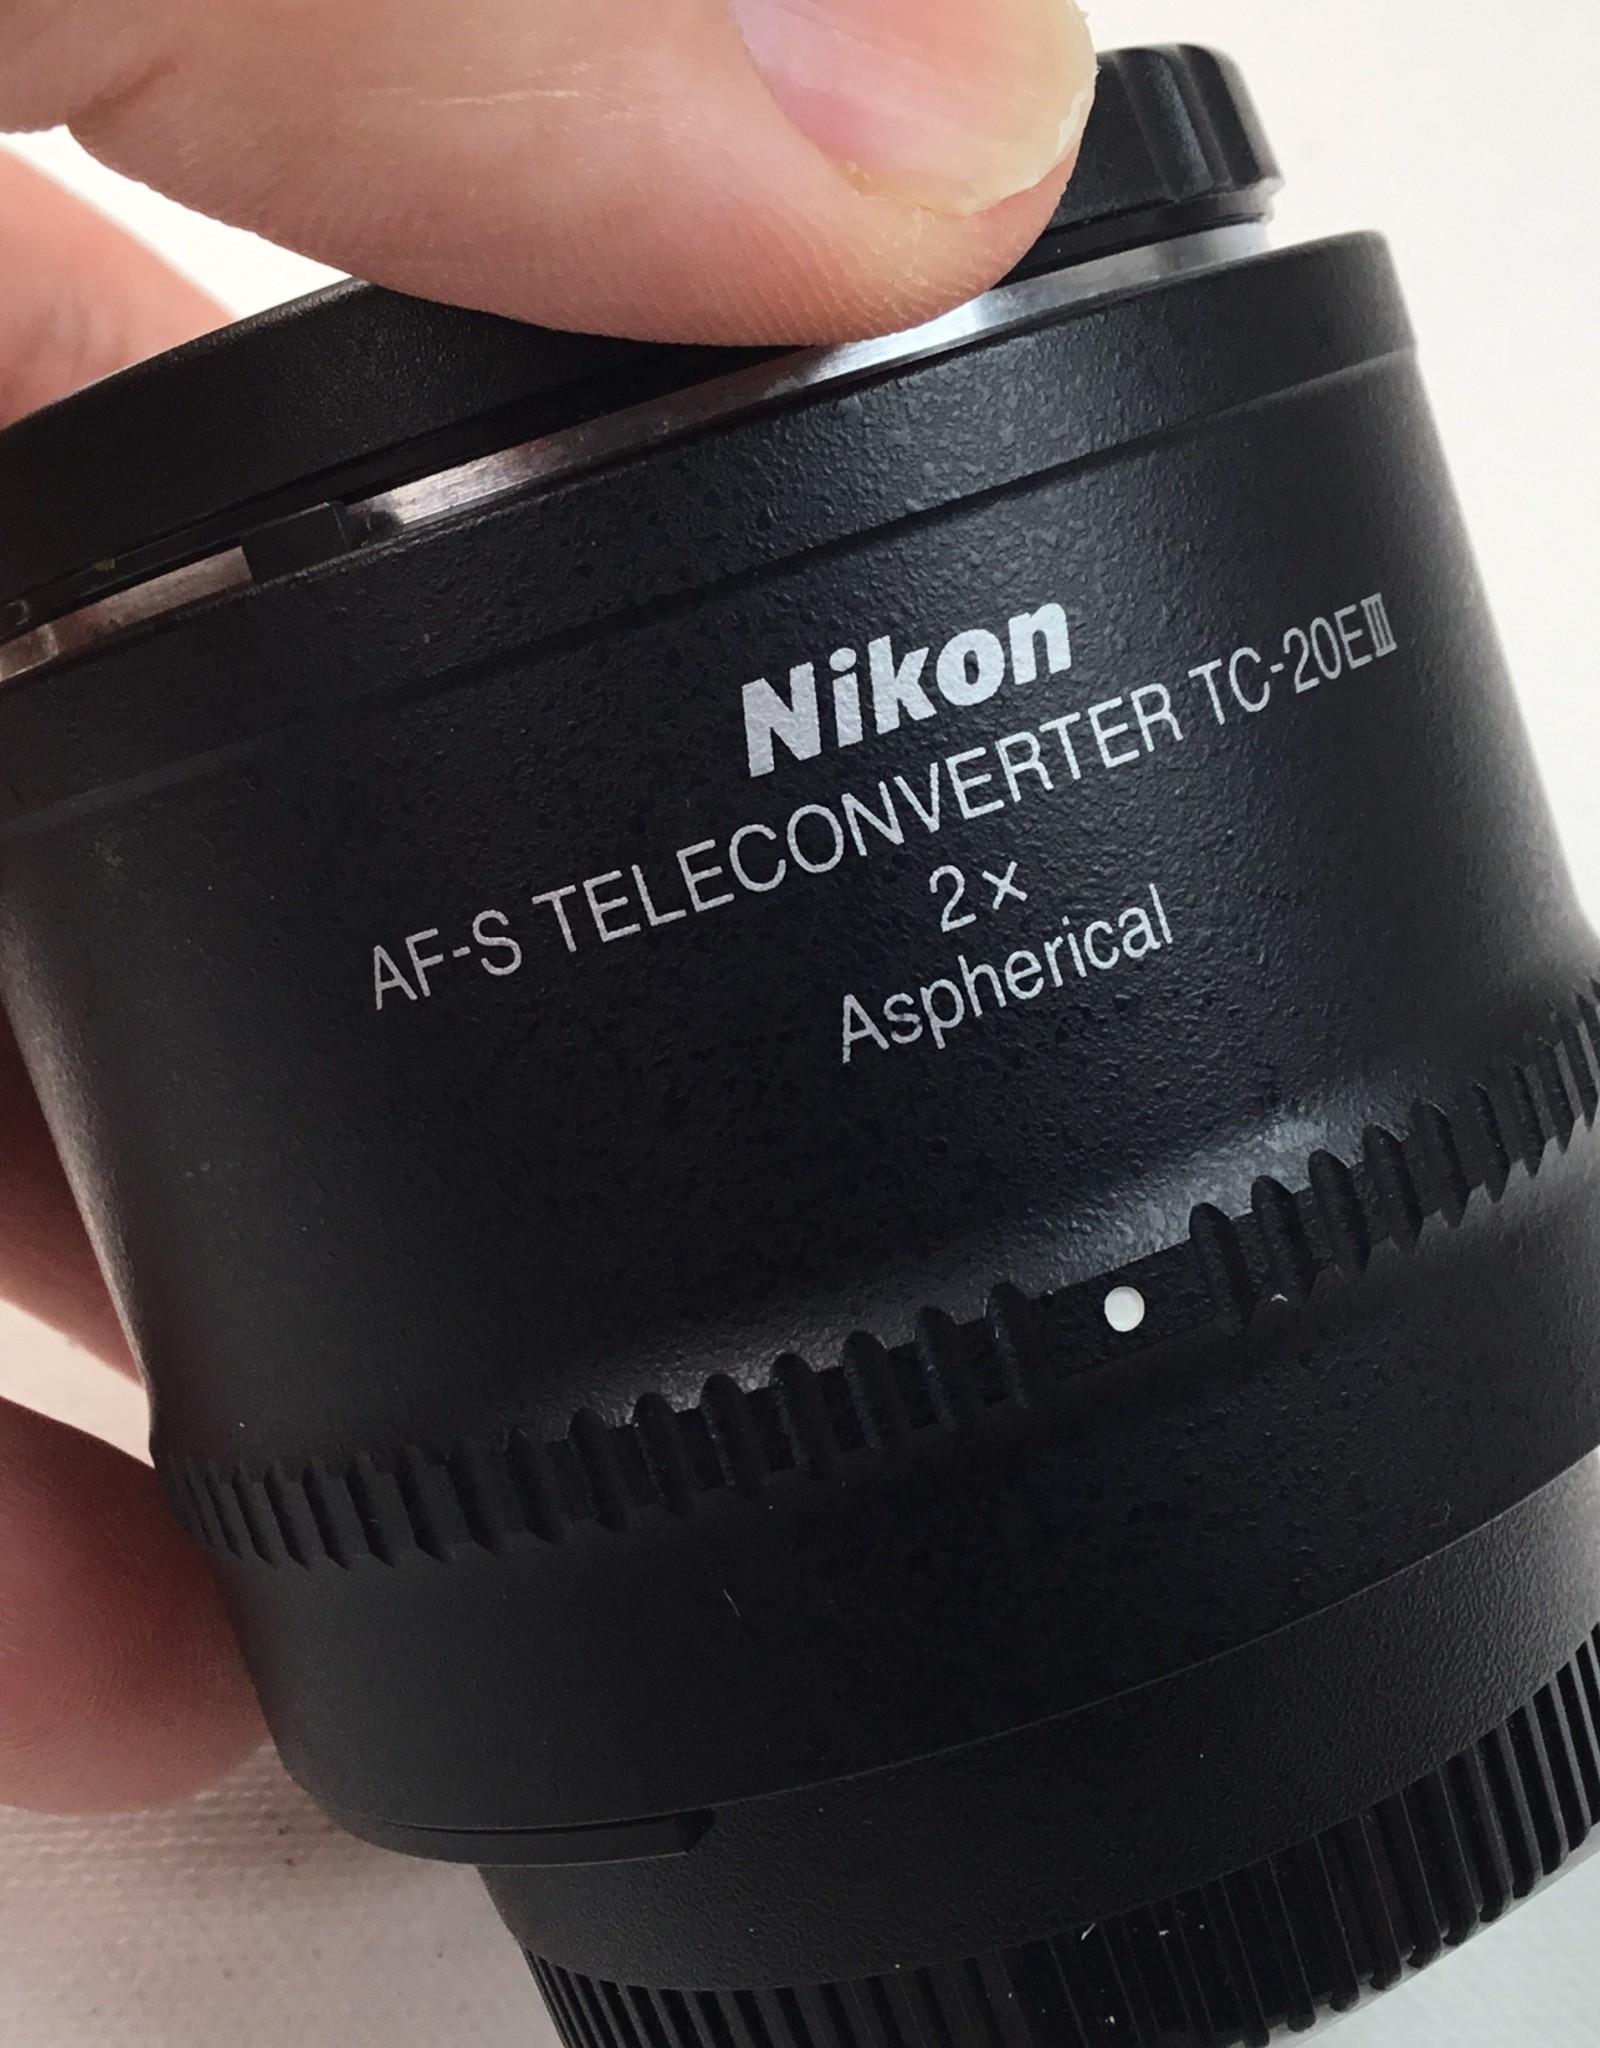 NIKON Nikon AF-S Teleconverter TC-20EIII Used EX+